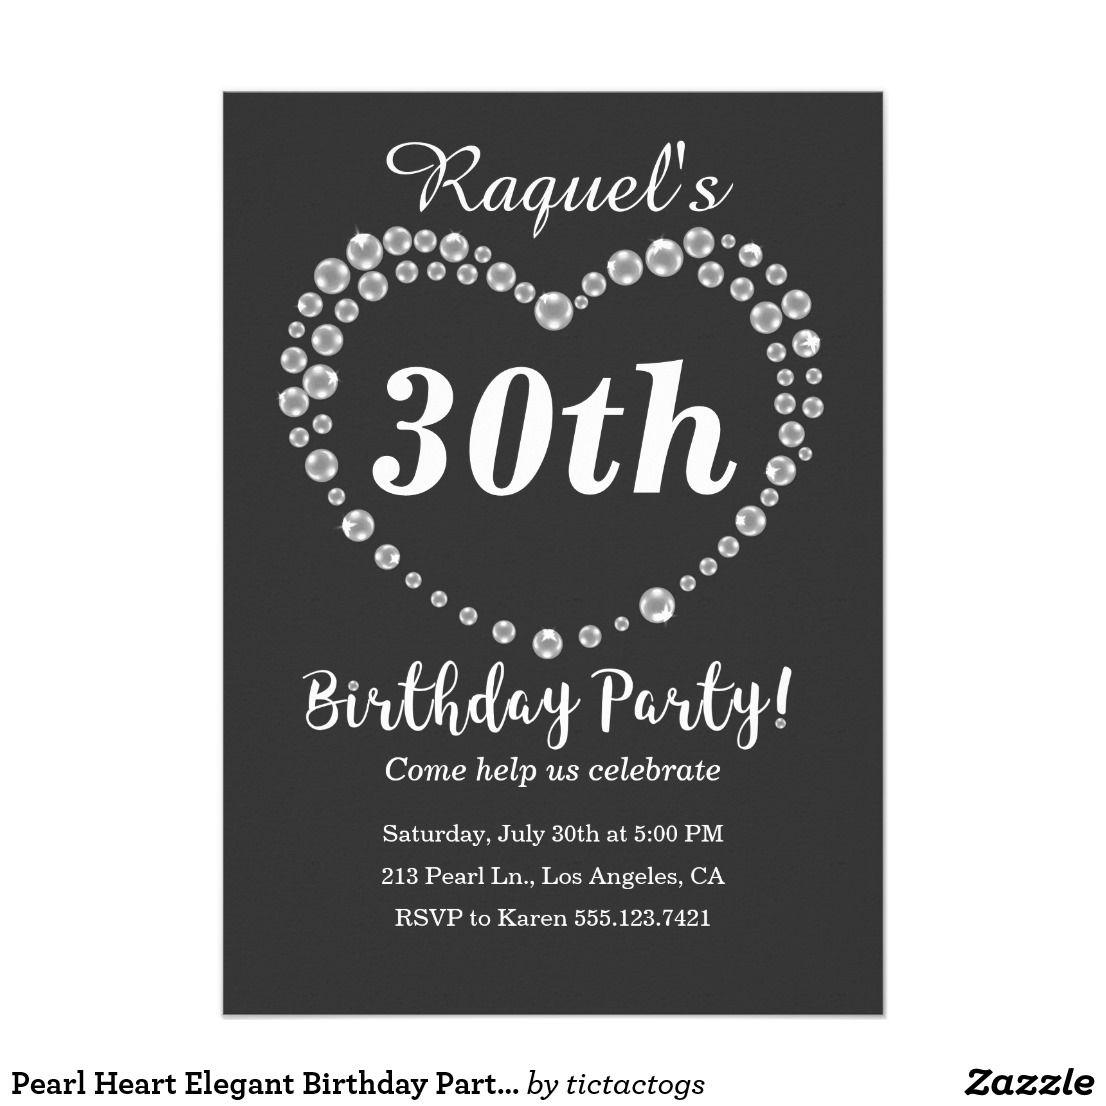 pearl heart elegant birthday party invitation elegant birthday